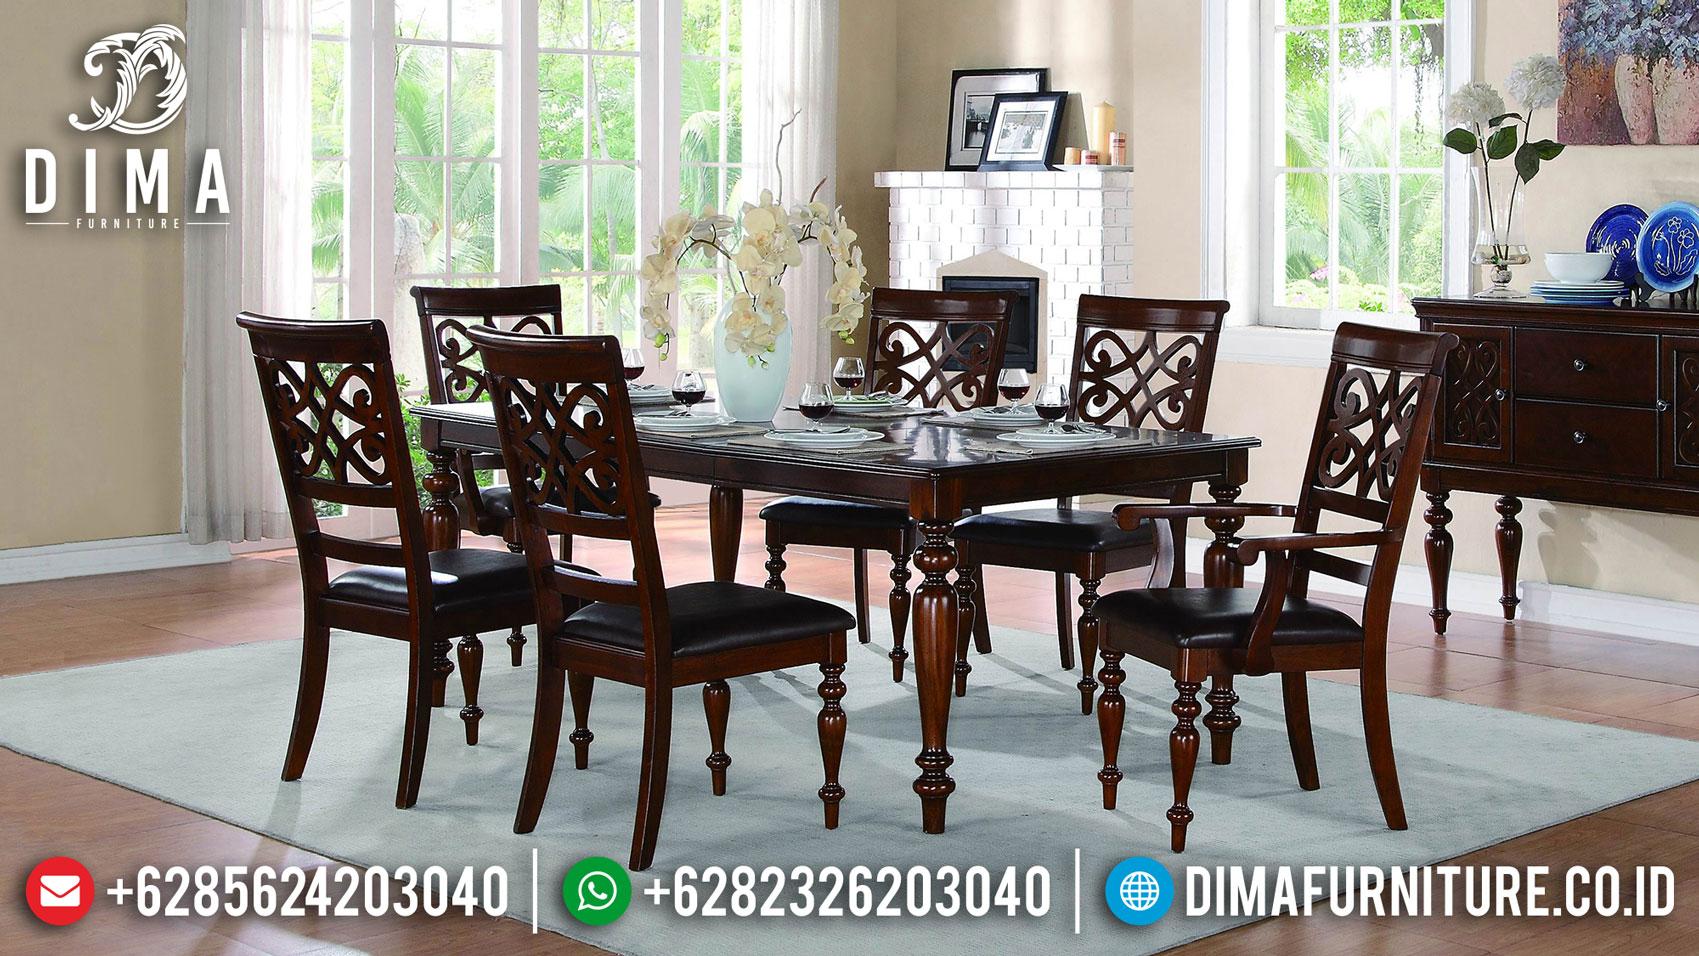 Elegant Meja Makan Mewah Jepara Classic Luxury Style Mebel Jepara Terbaru TTJ-1282